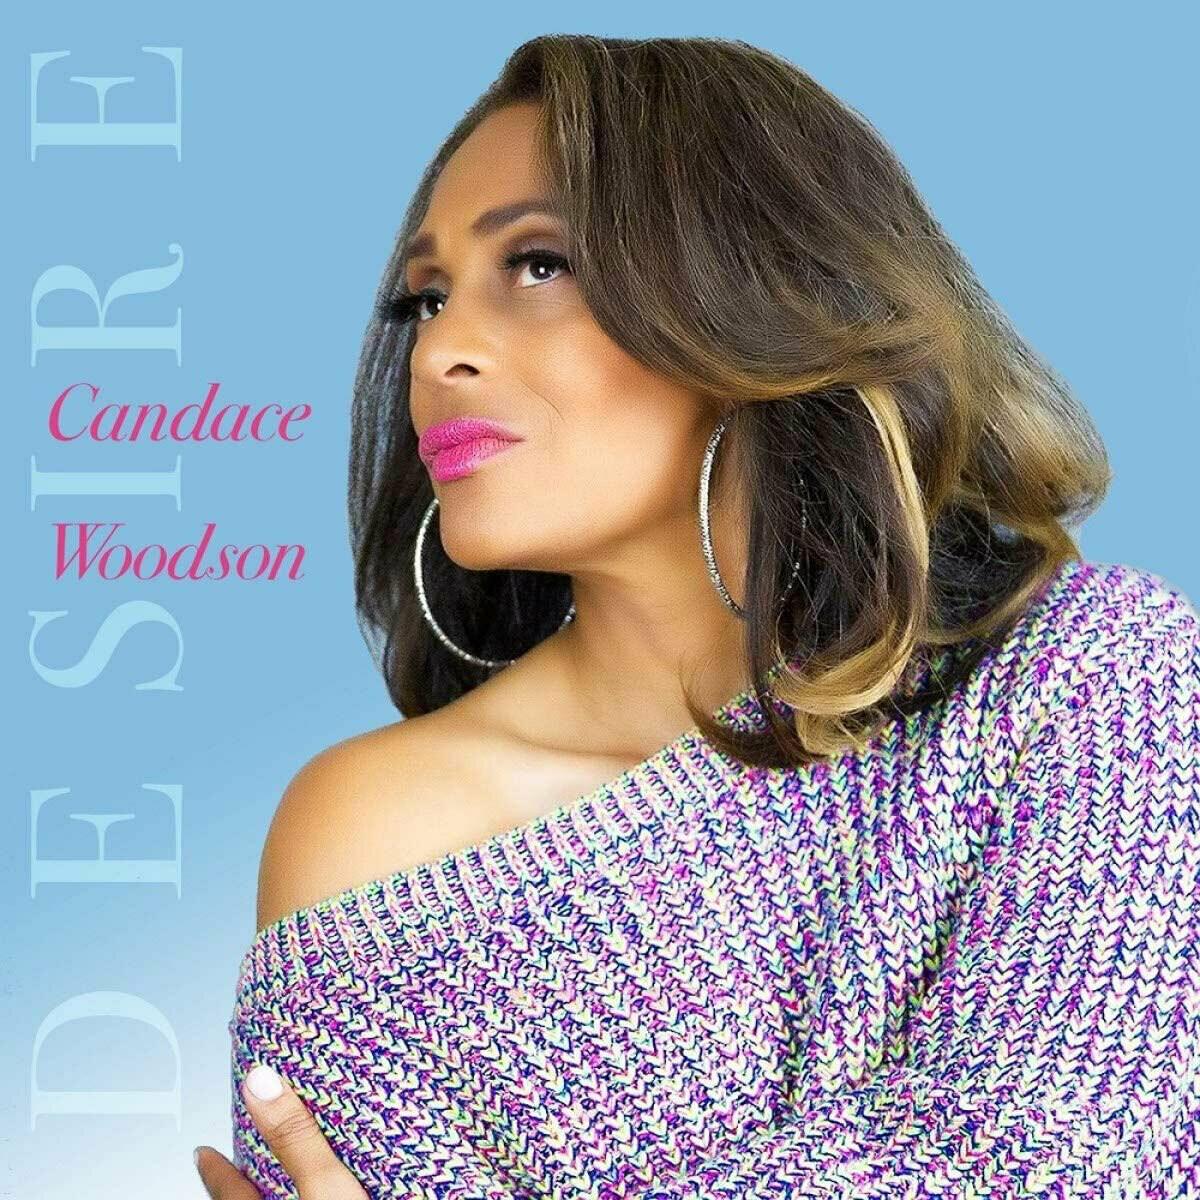 Candace Woodson (CD)